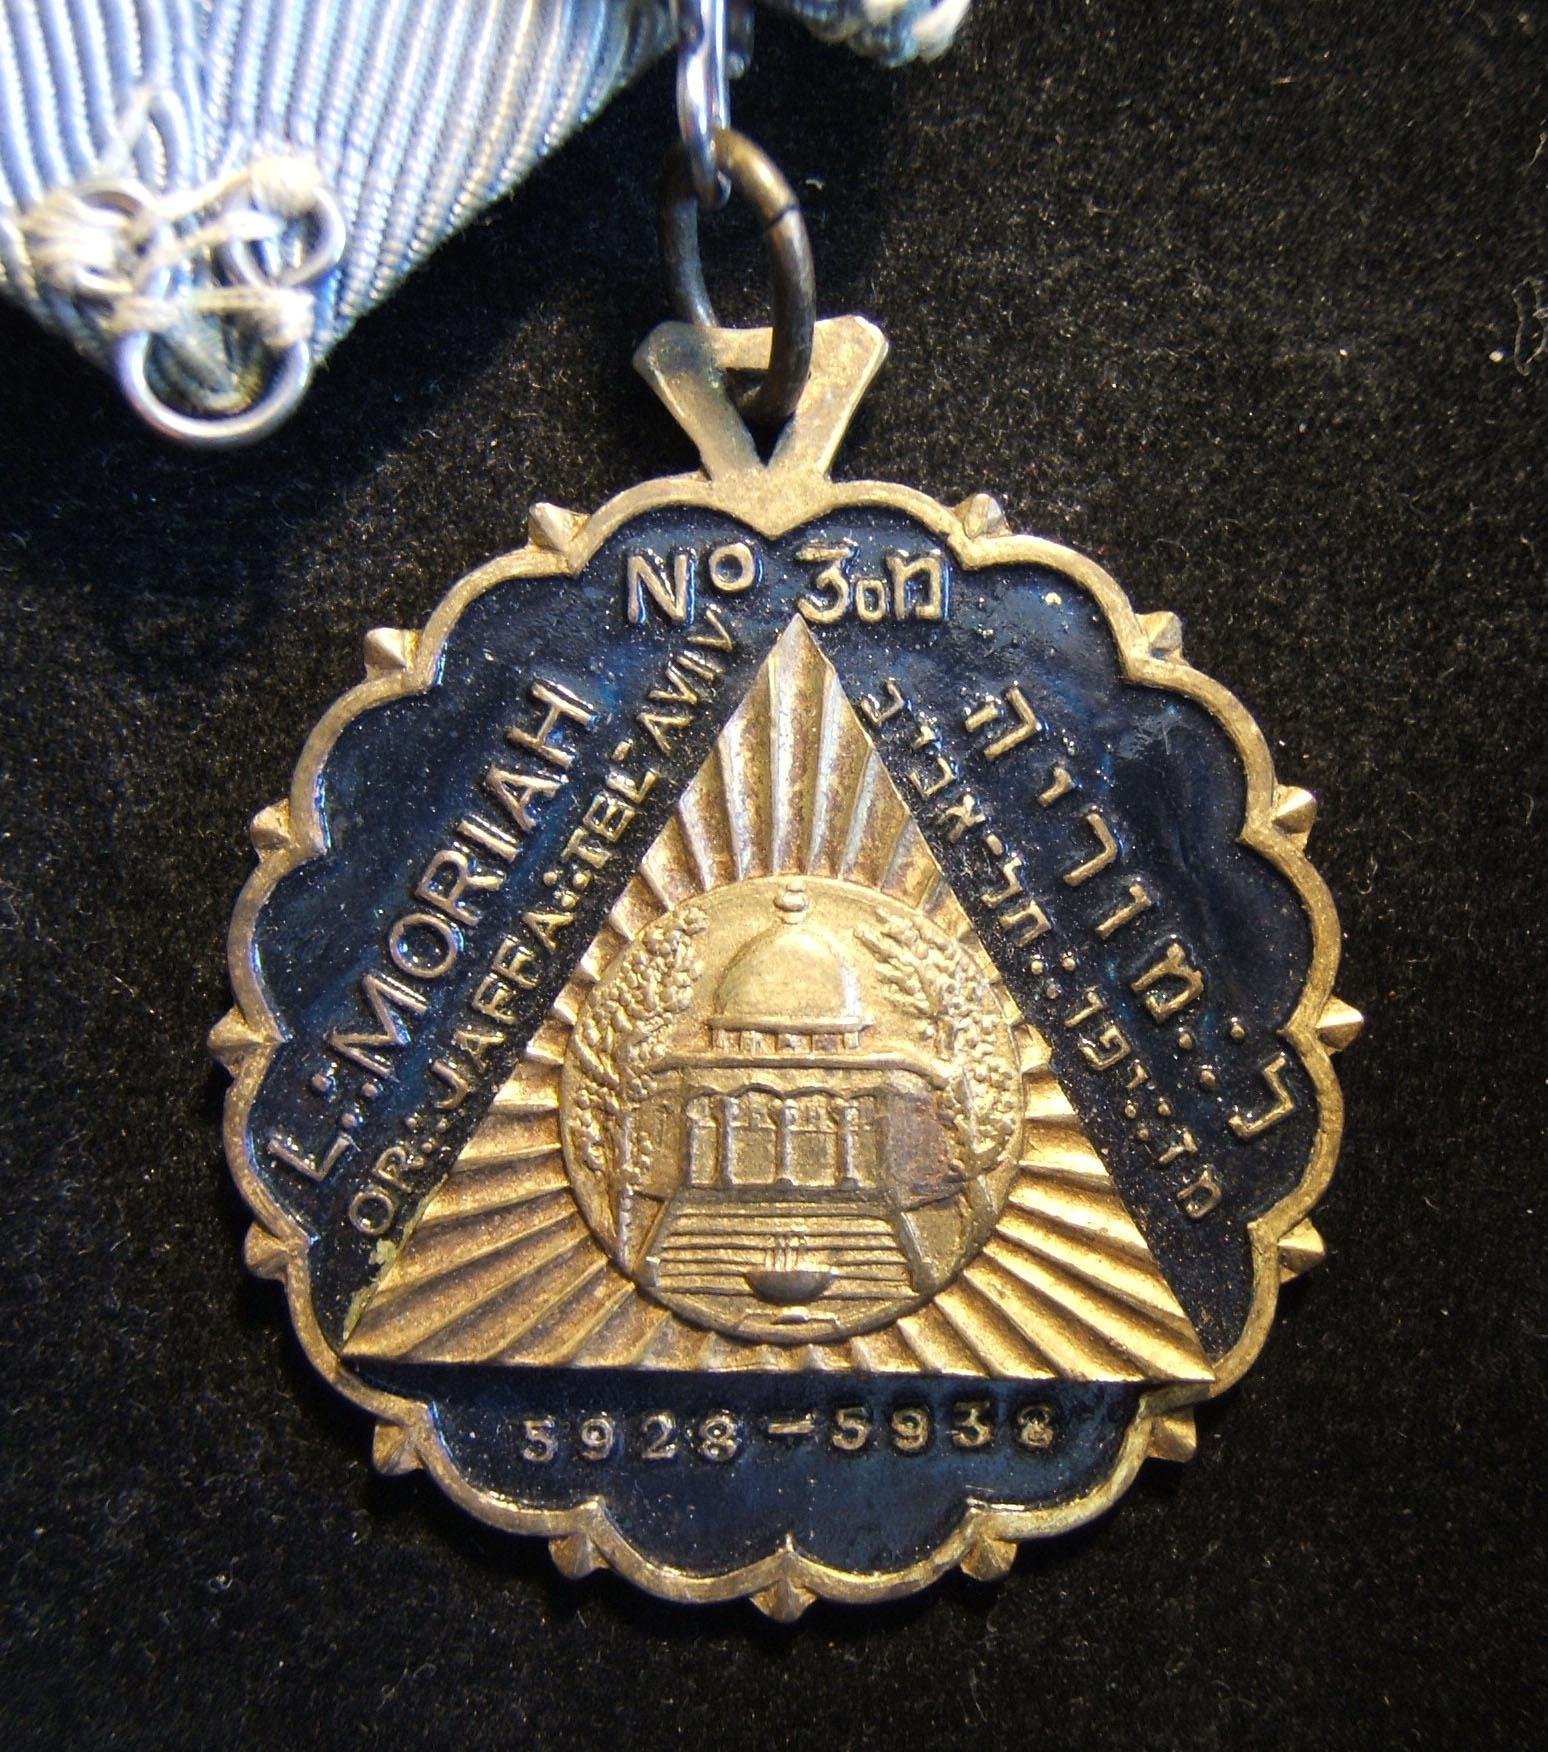 Palästina/Jischuw: Medaille aus Metall & Emaille von Nr. 3